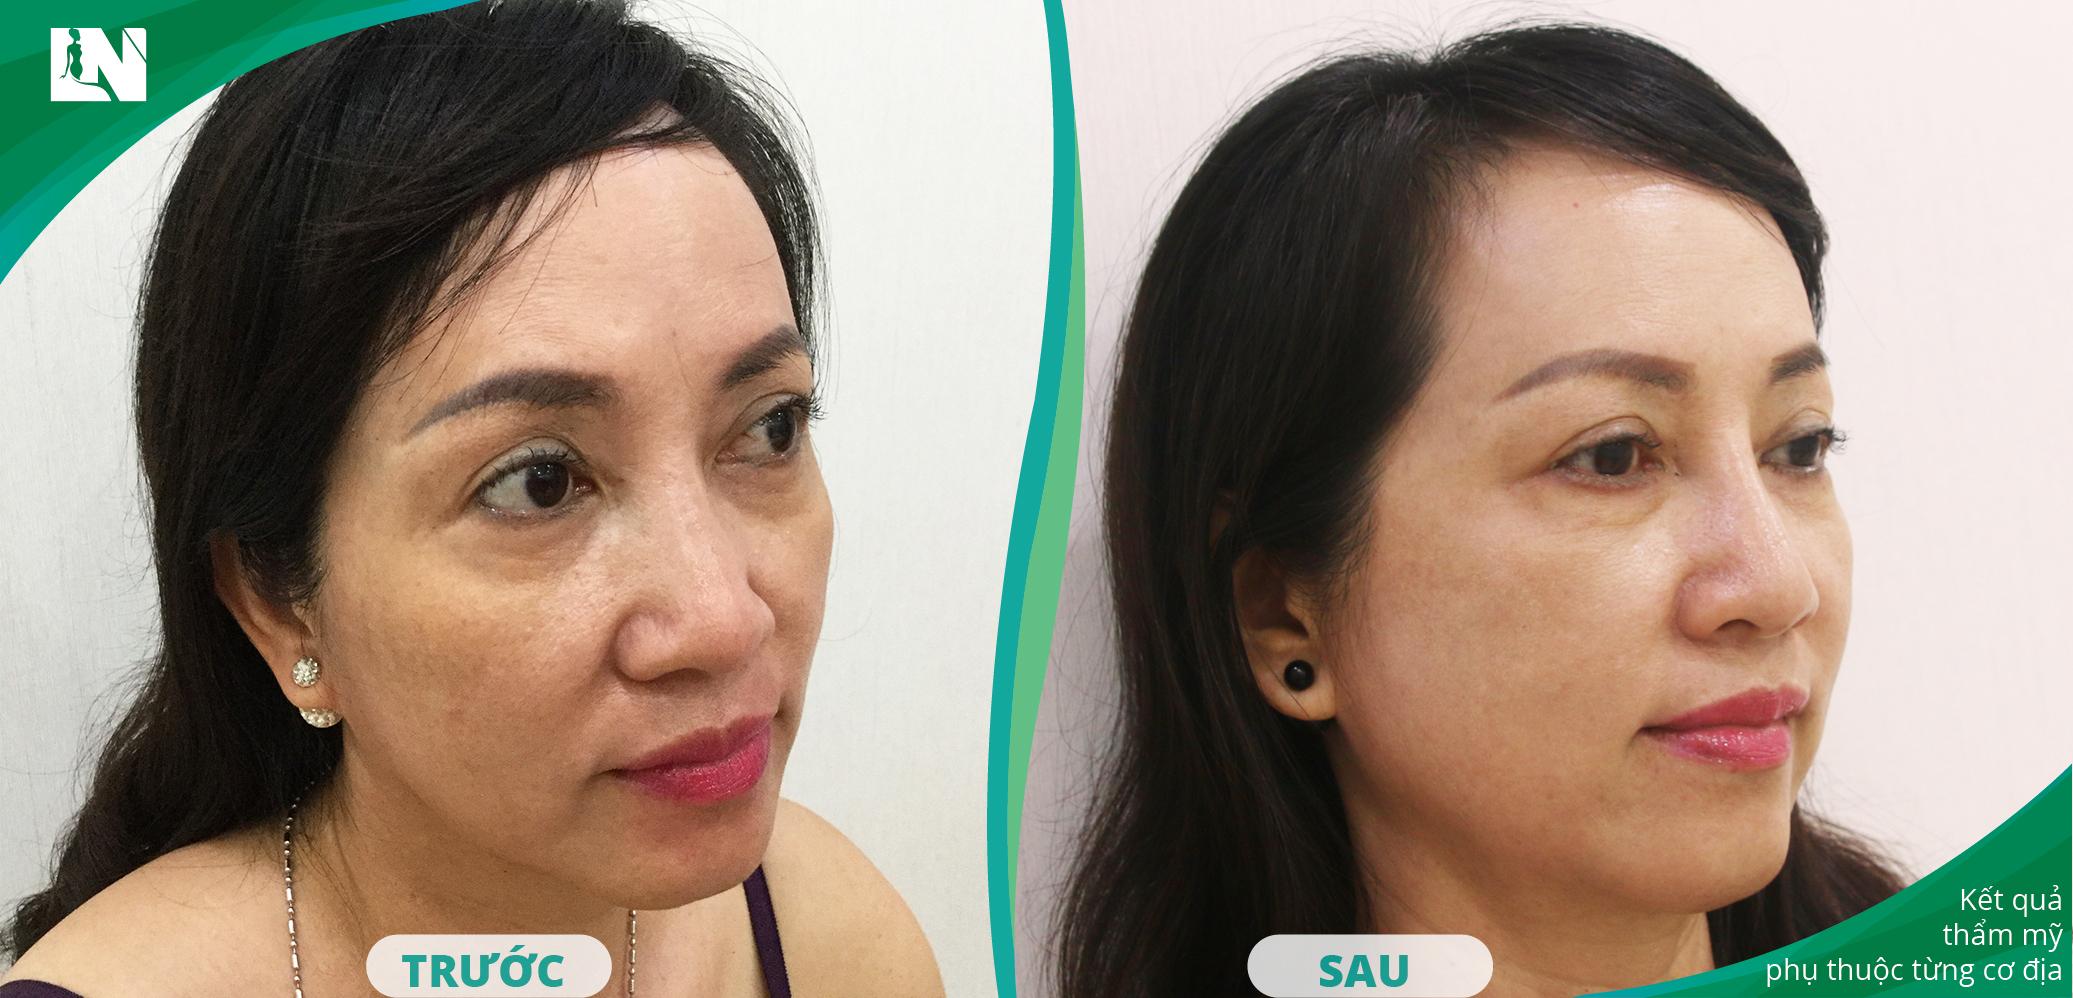 Hình ảnh Khách hàng trước - sau thực hiện nâng mũi bằng mỡ tự thân bởi Bác sĩ Lương Ngọc